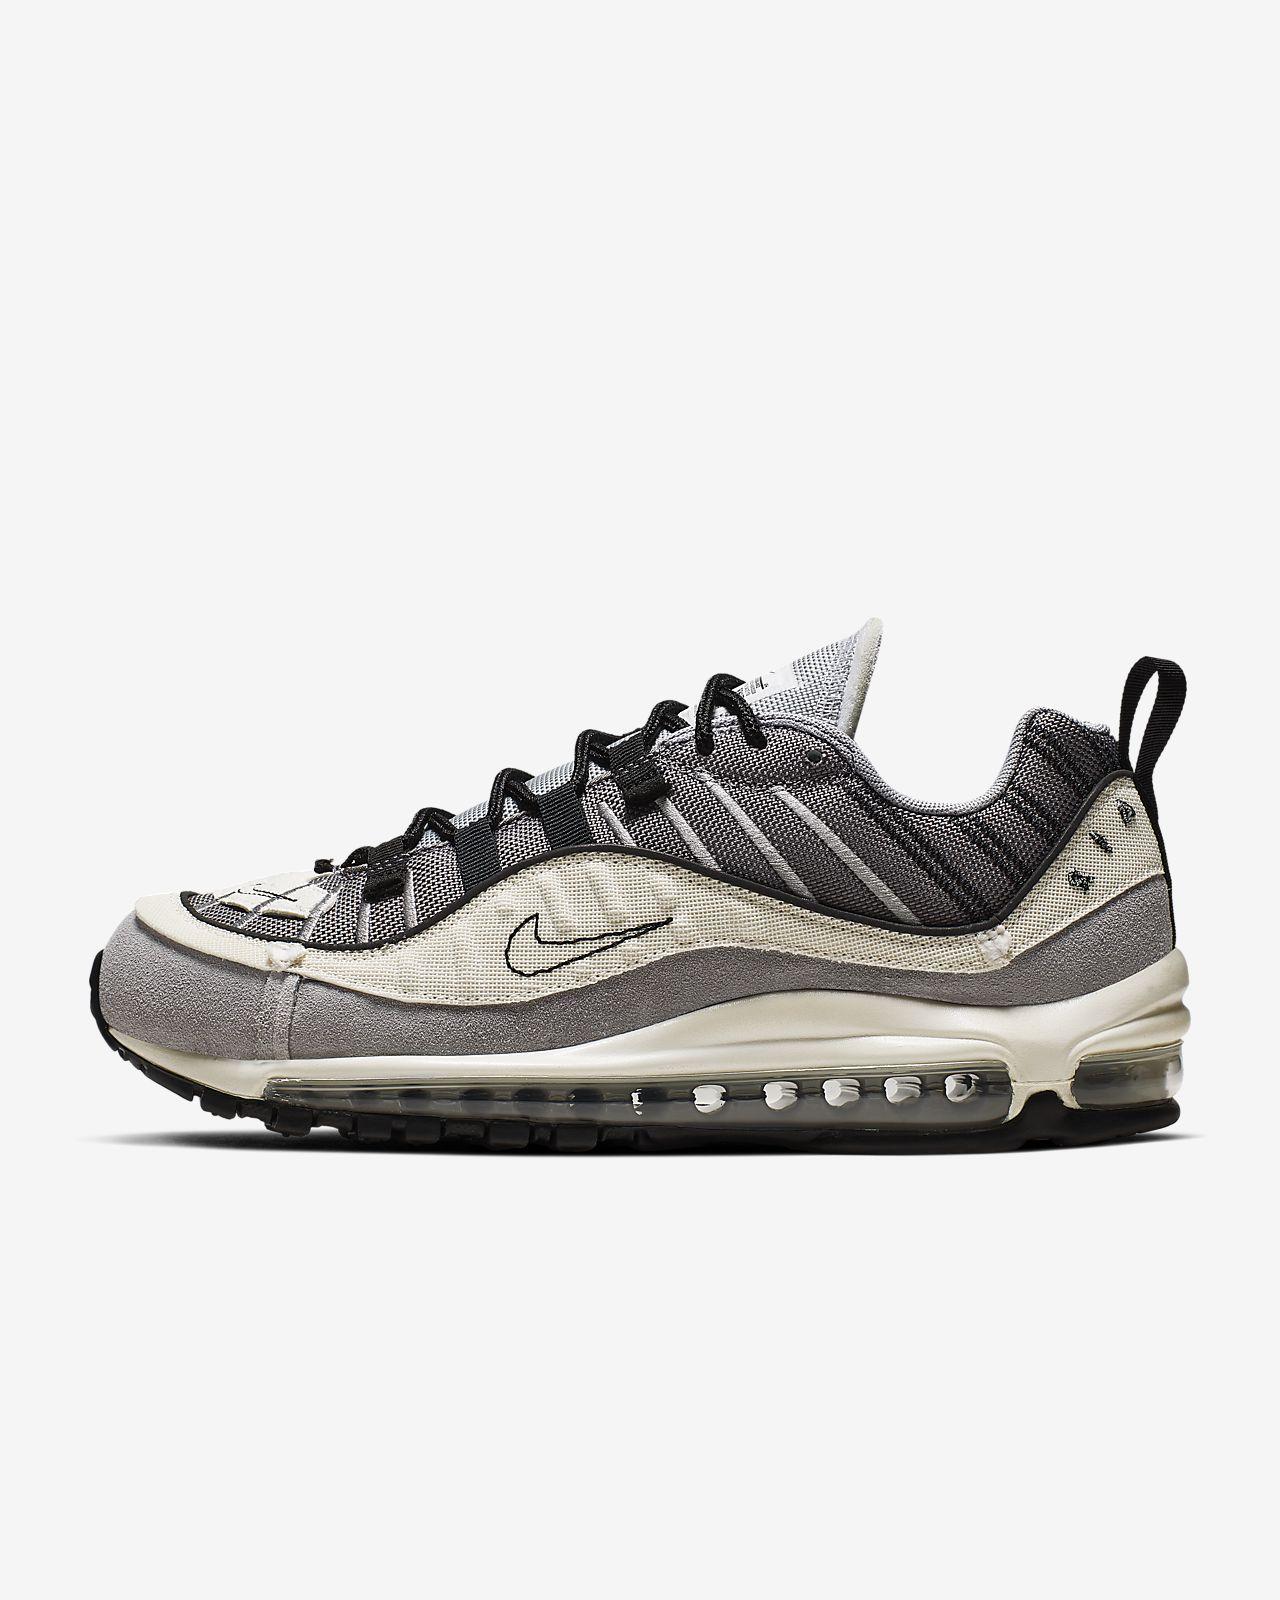 Nike AirMax 98 SE男子运动鞋